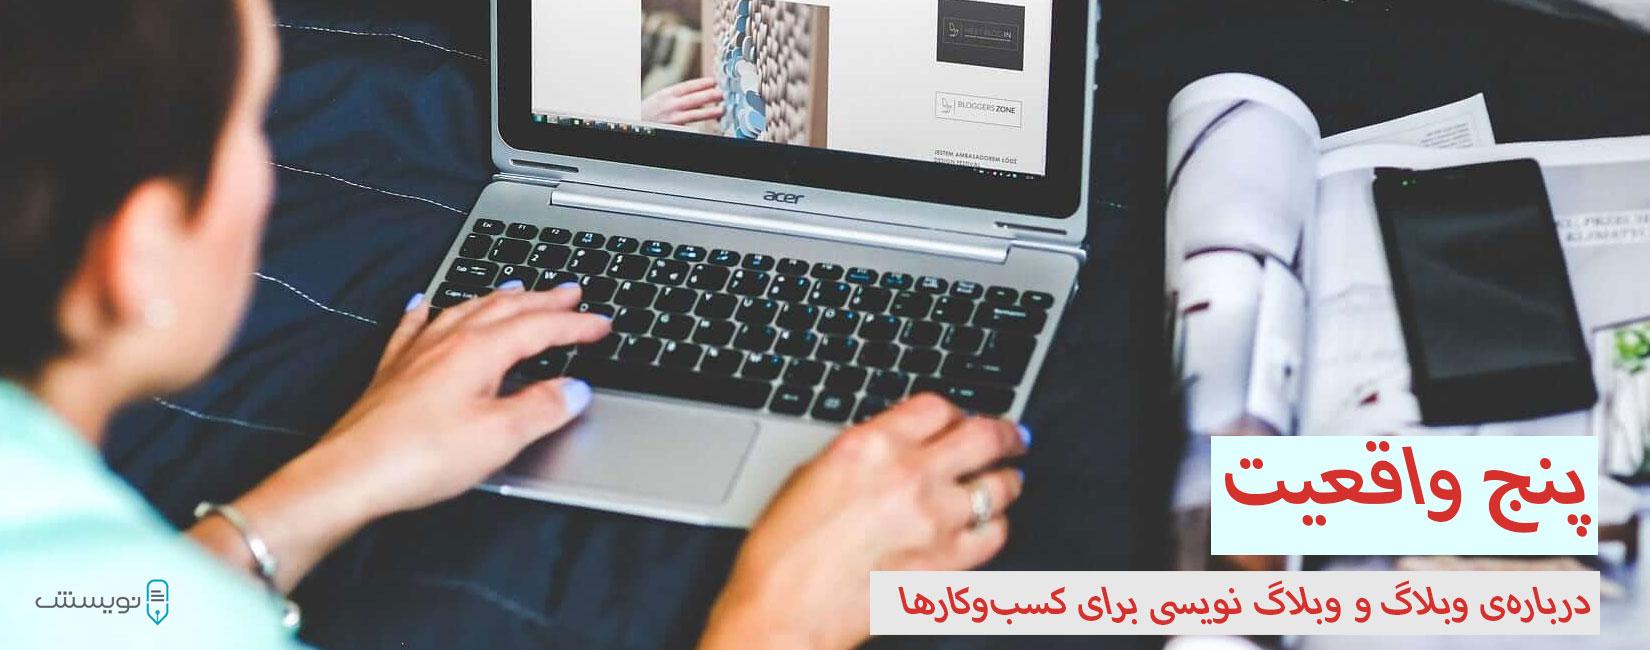 ۵ واقعیت درباره وبلاگ و وبلاگ نویسی برای کسبوکارها